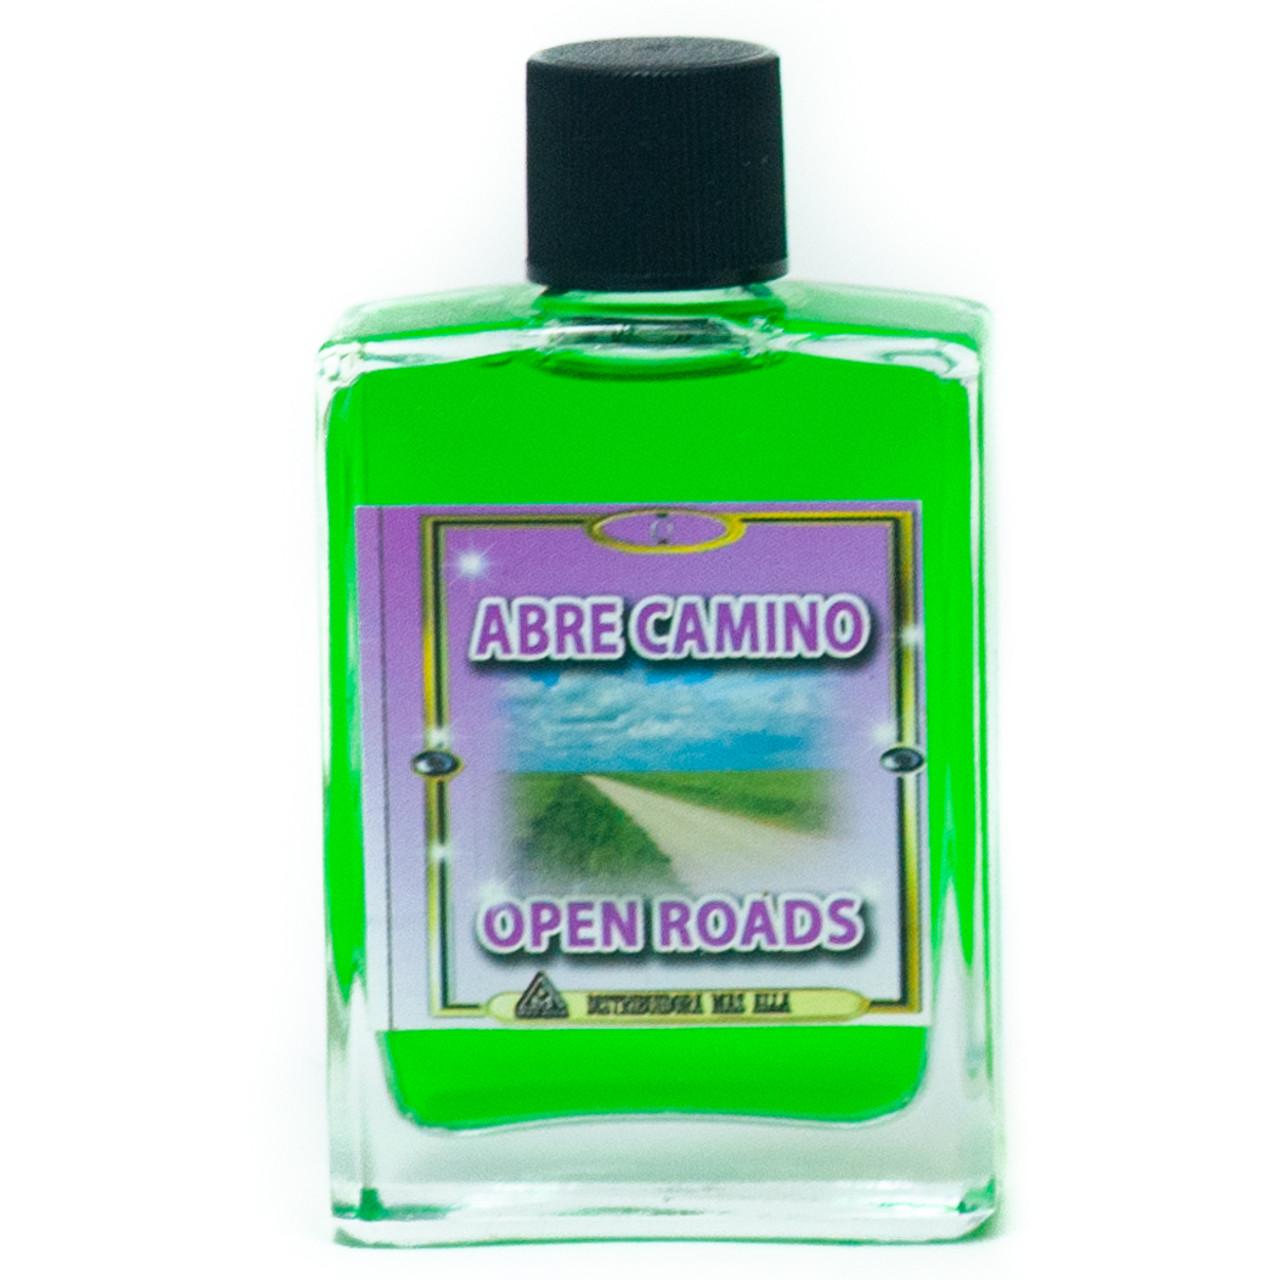 Perfume Abre Caminos